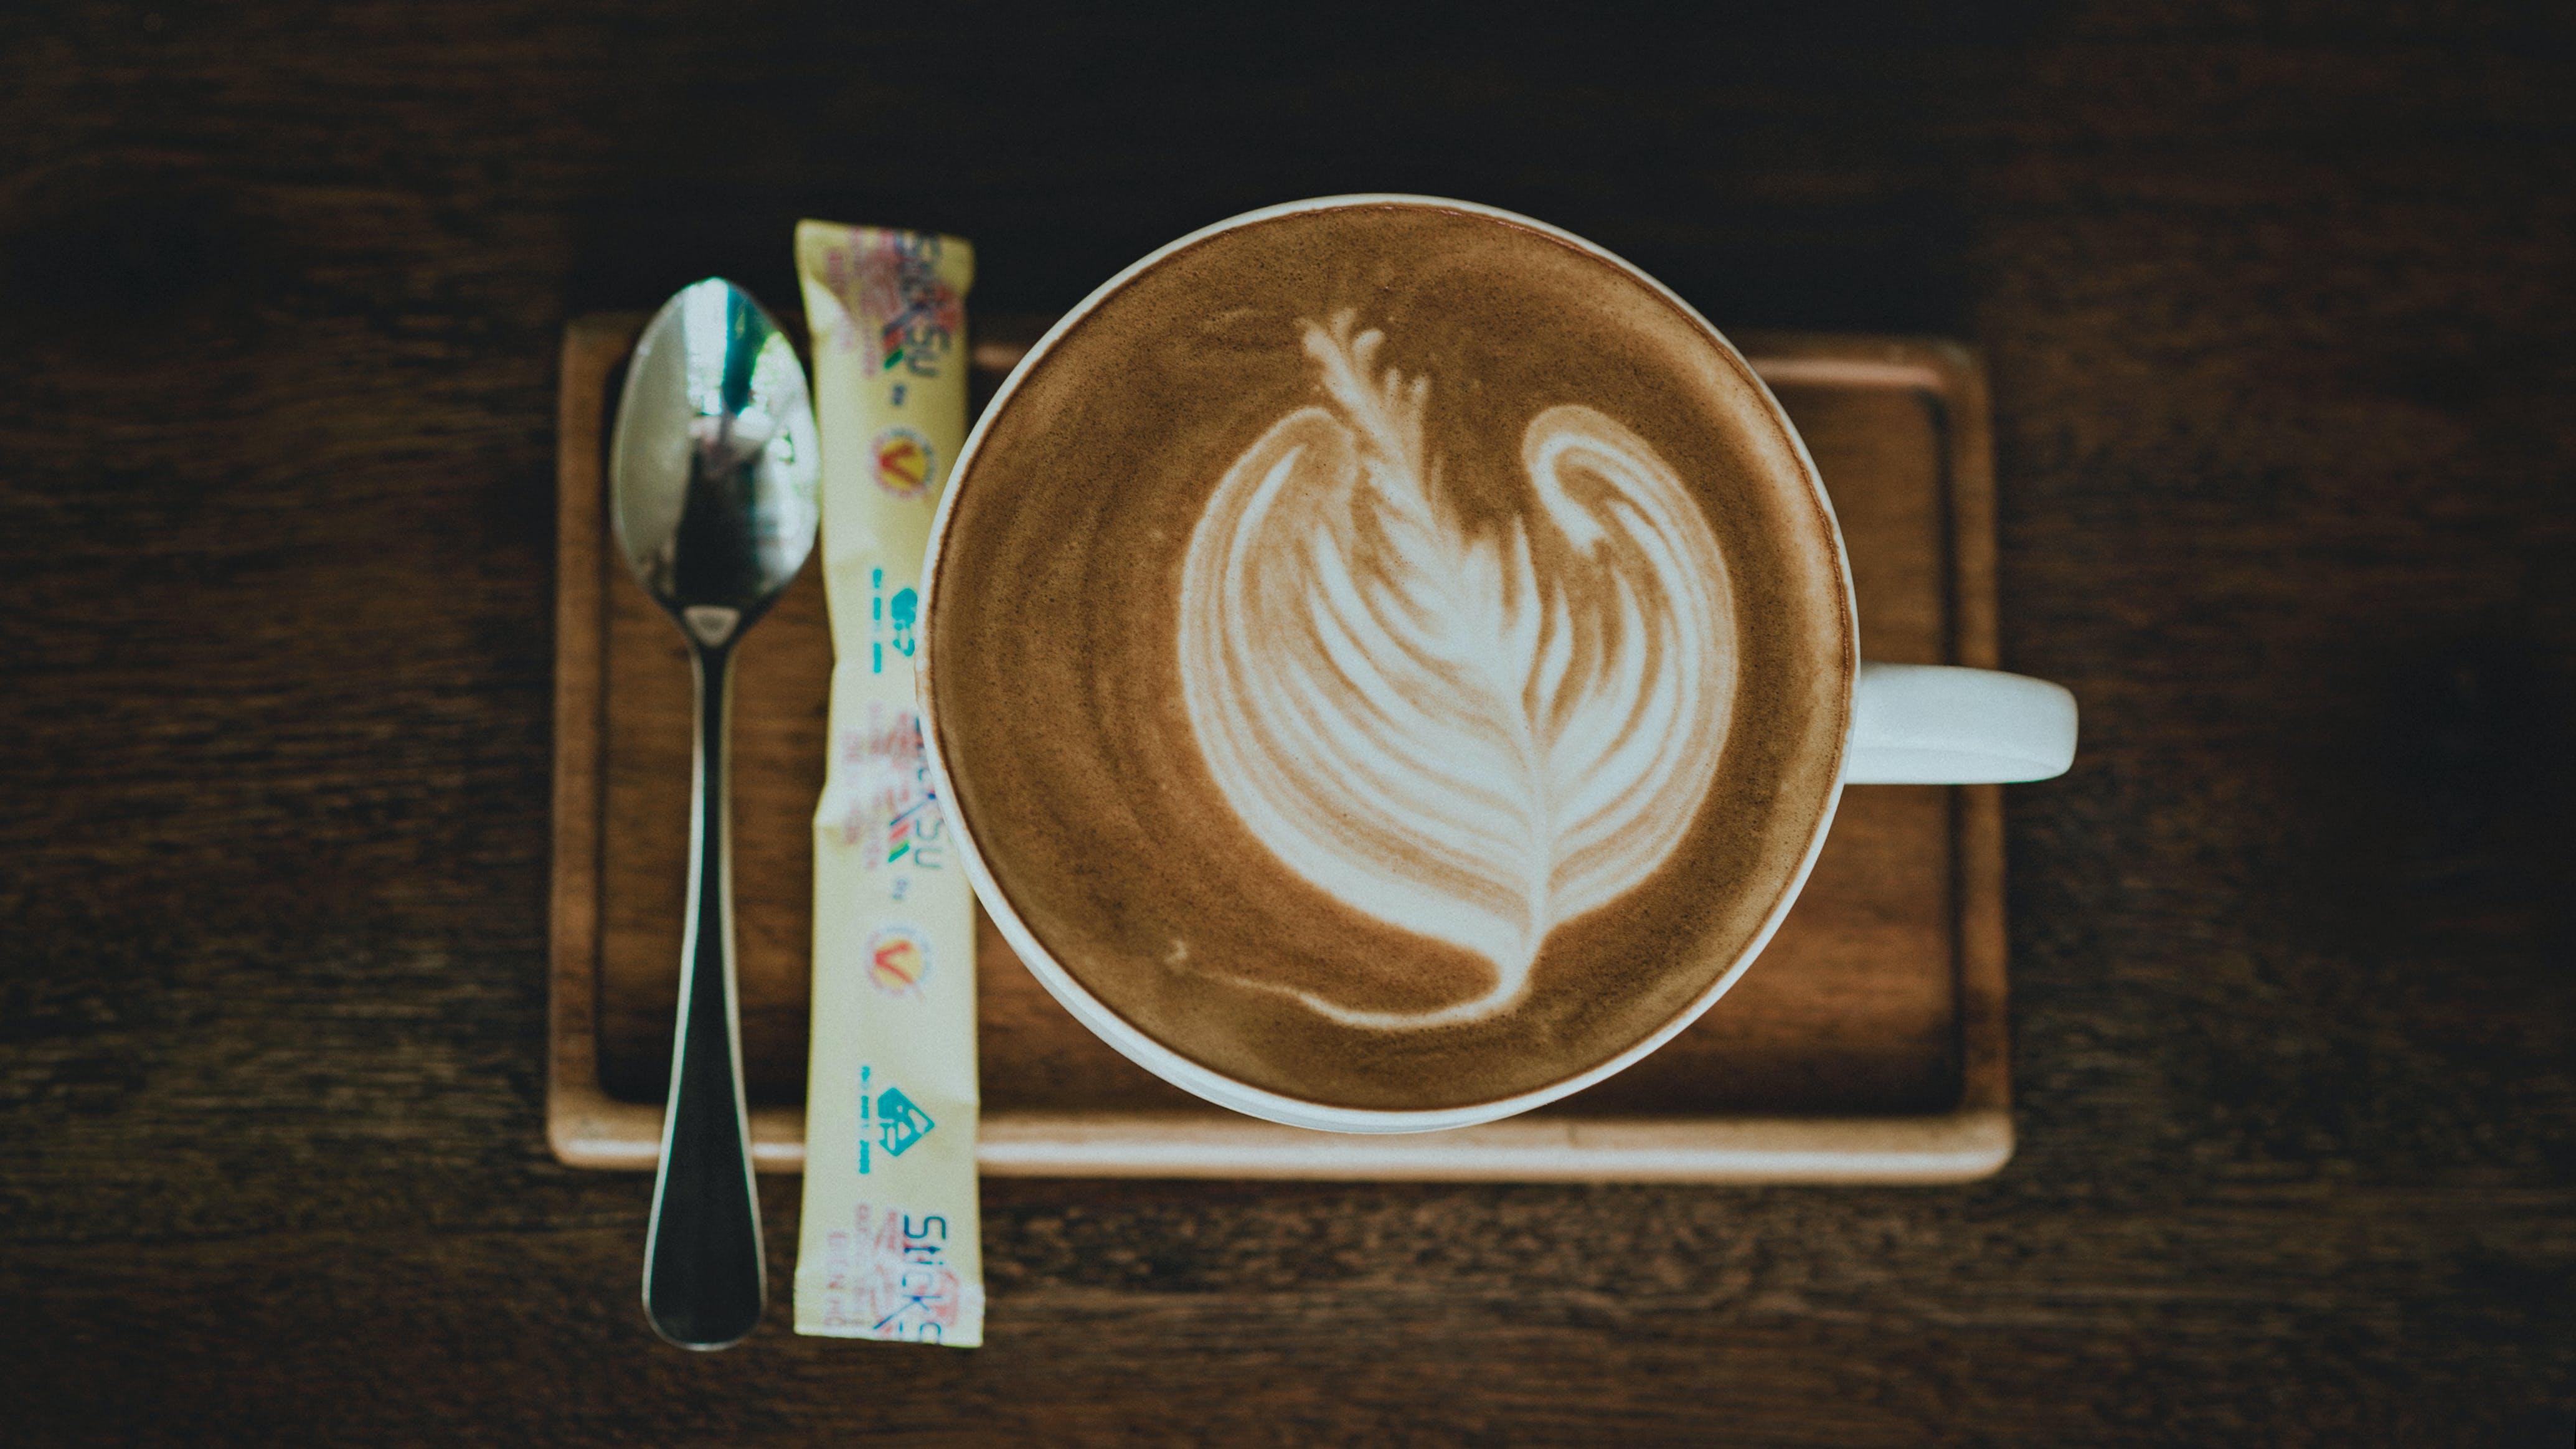 インドア, エスプレッソ, カップ, カフェインの無料の写真素材